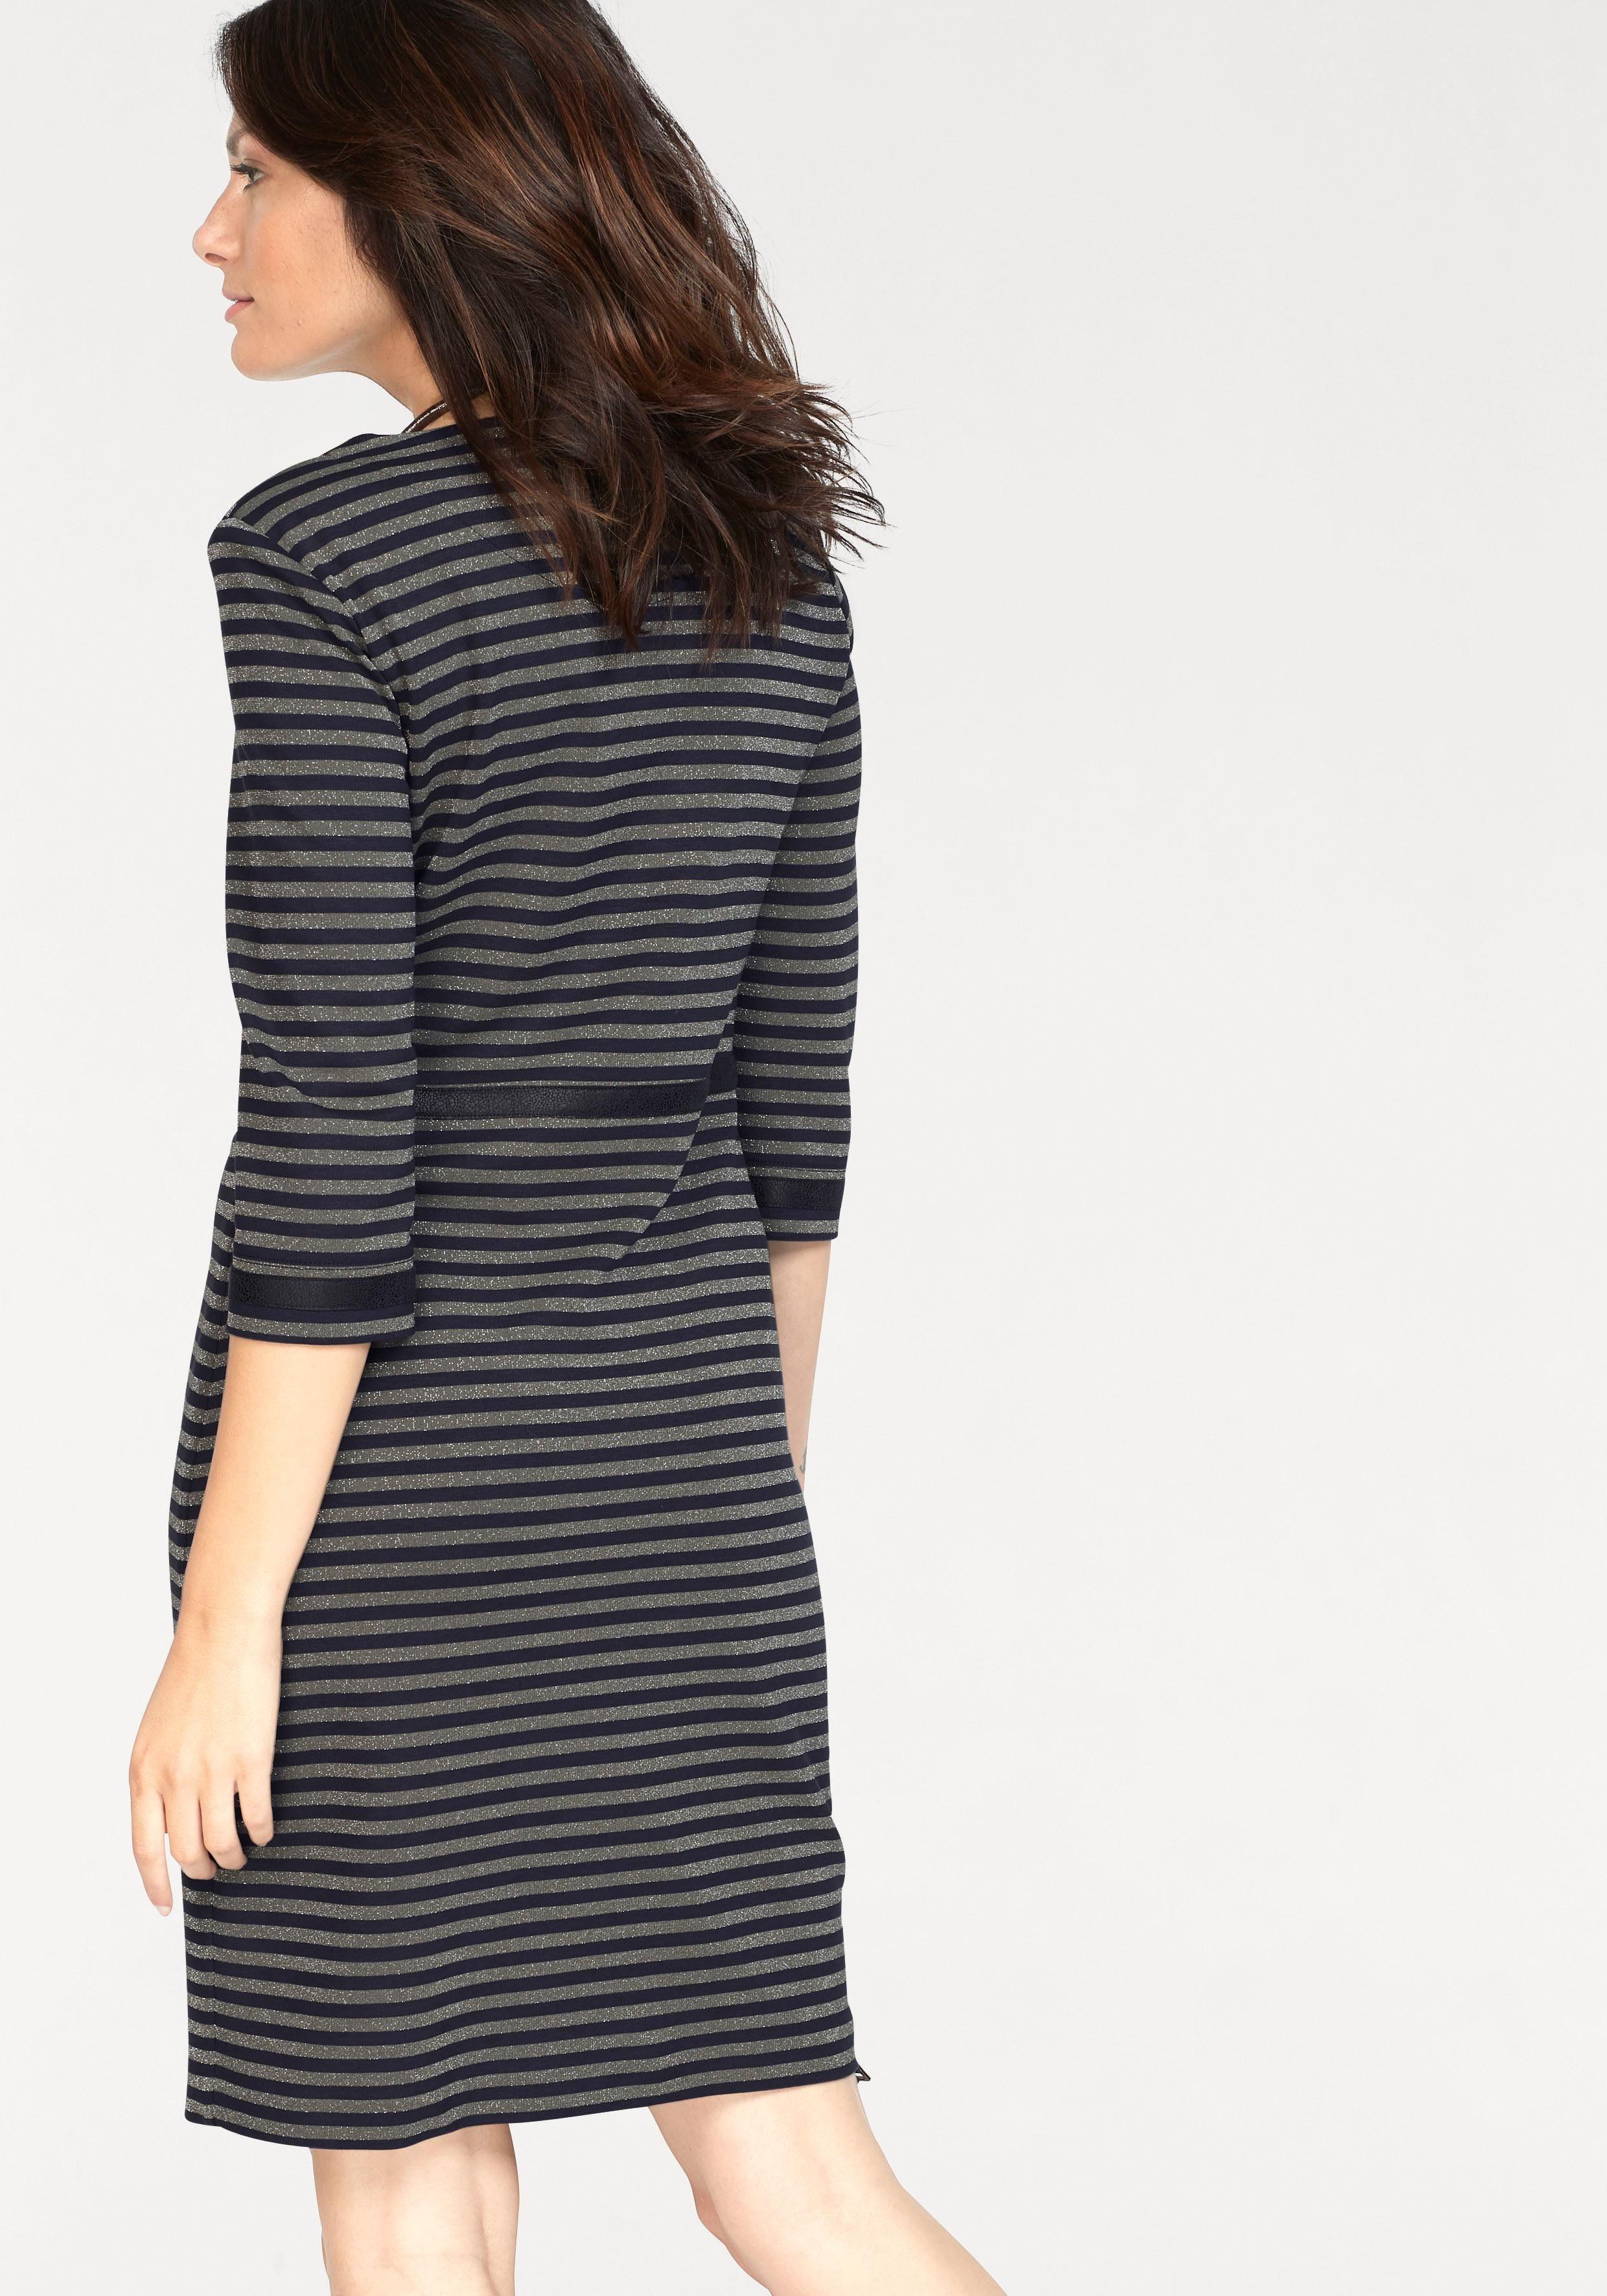 Jerseykleid Bianca Streifen »dany« Mit Glitzernden PikXZu